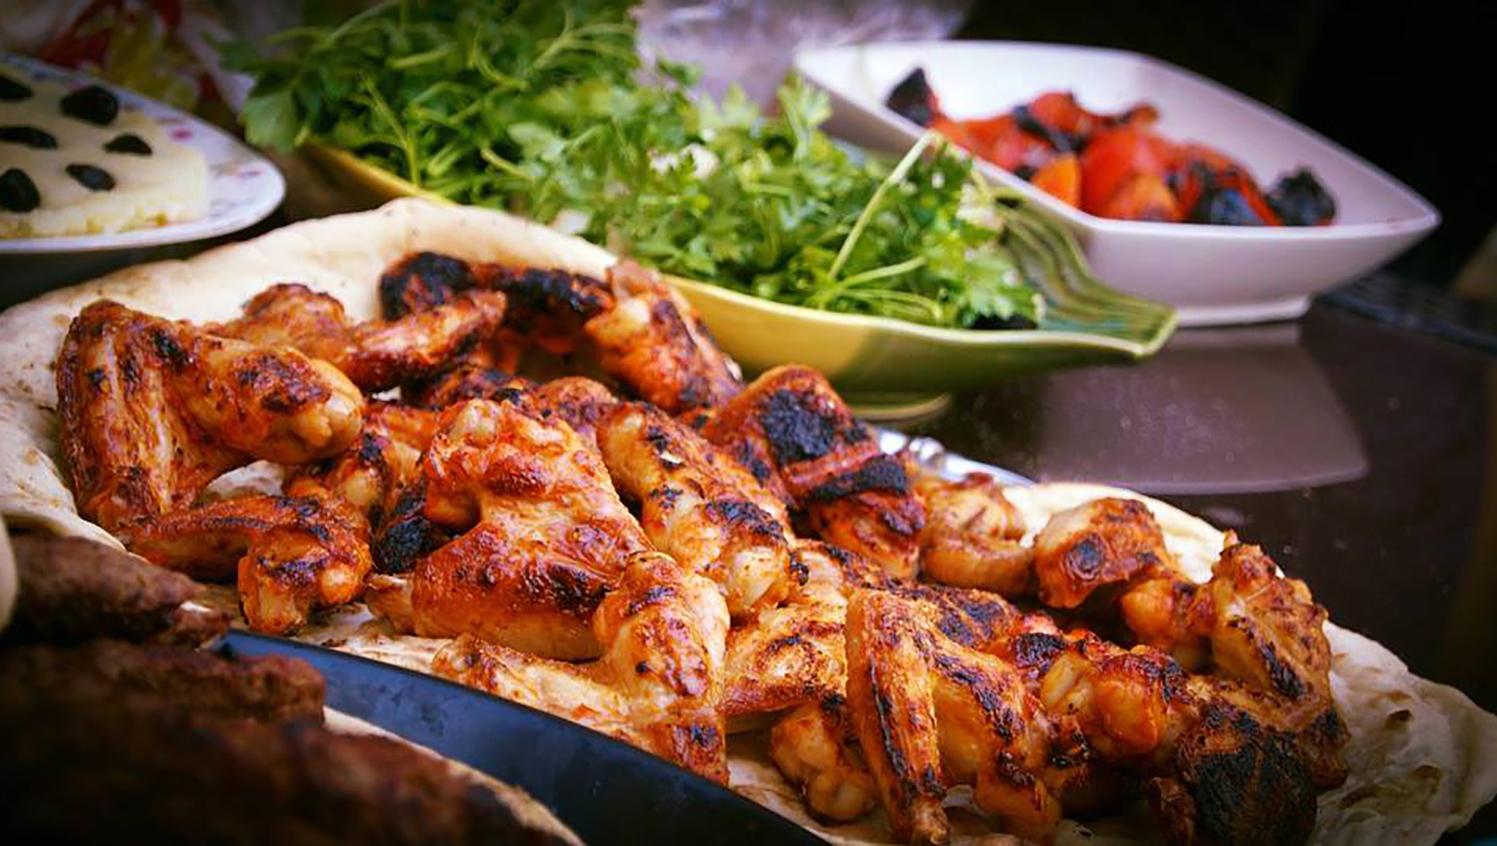 Frango à passarinho là đặc sản gà rán tại Brazil. Những cánh gà được uớp trong nước cốt chanh tạo hương vị nhiệt đới đặc trưng và tẩm cùng cả bột mì và bột ngô. Sau khi rán xong, miếng gà được quét dầu ô liu, phủ thêm tỏi nướng và mùi tây. Ảnh: Facebook Nonno Paola Pizza & Pasta